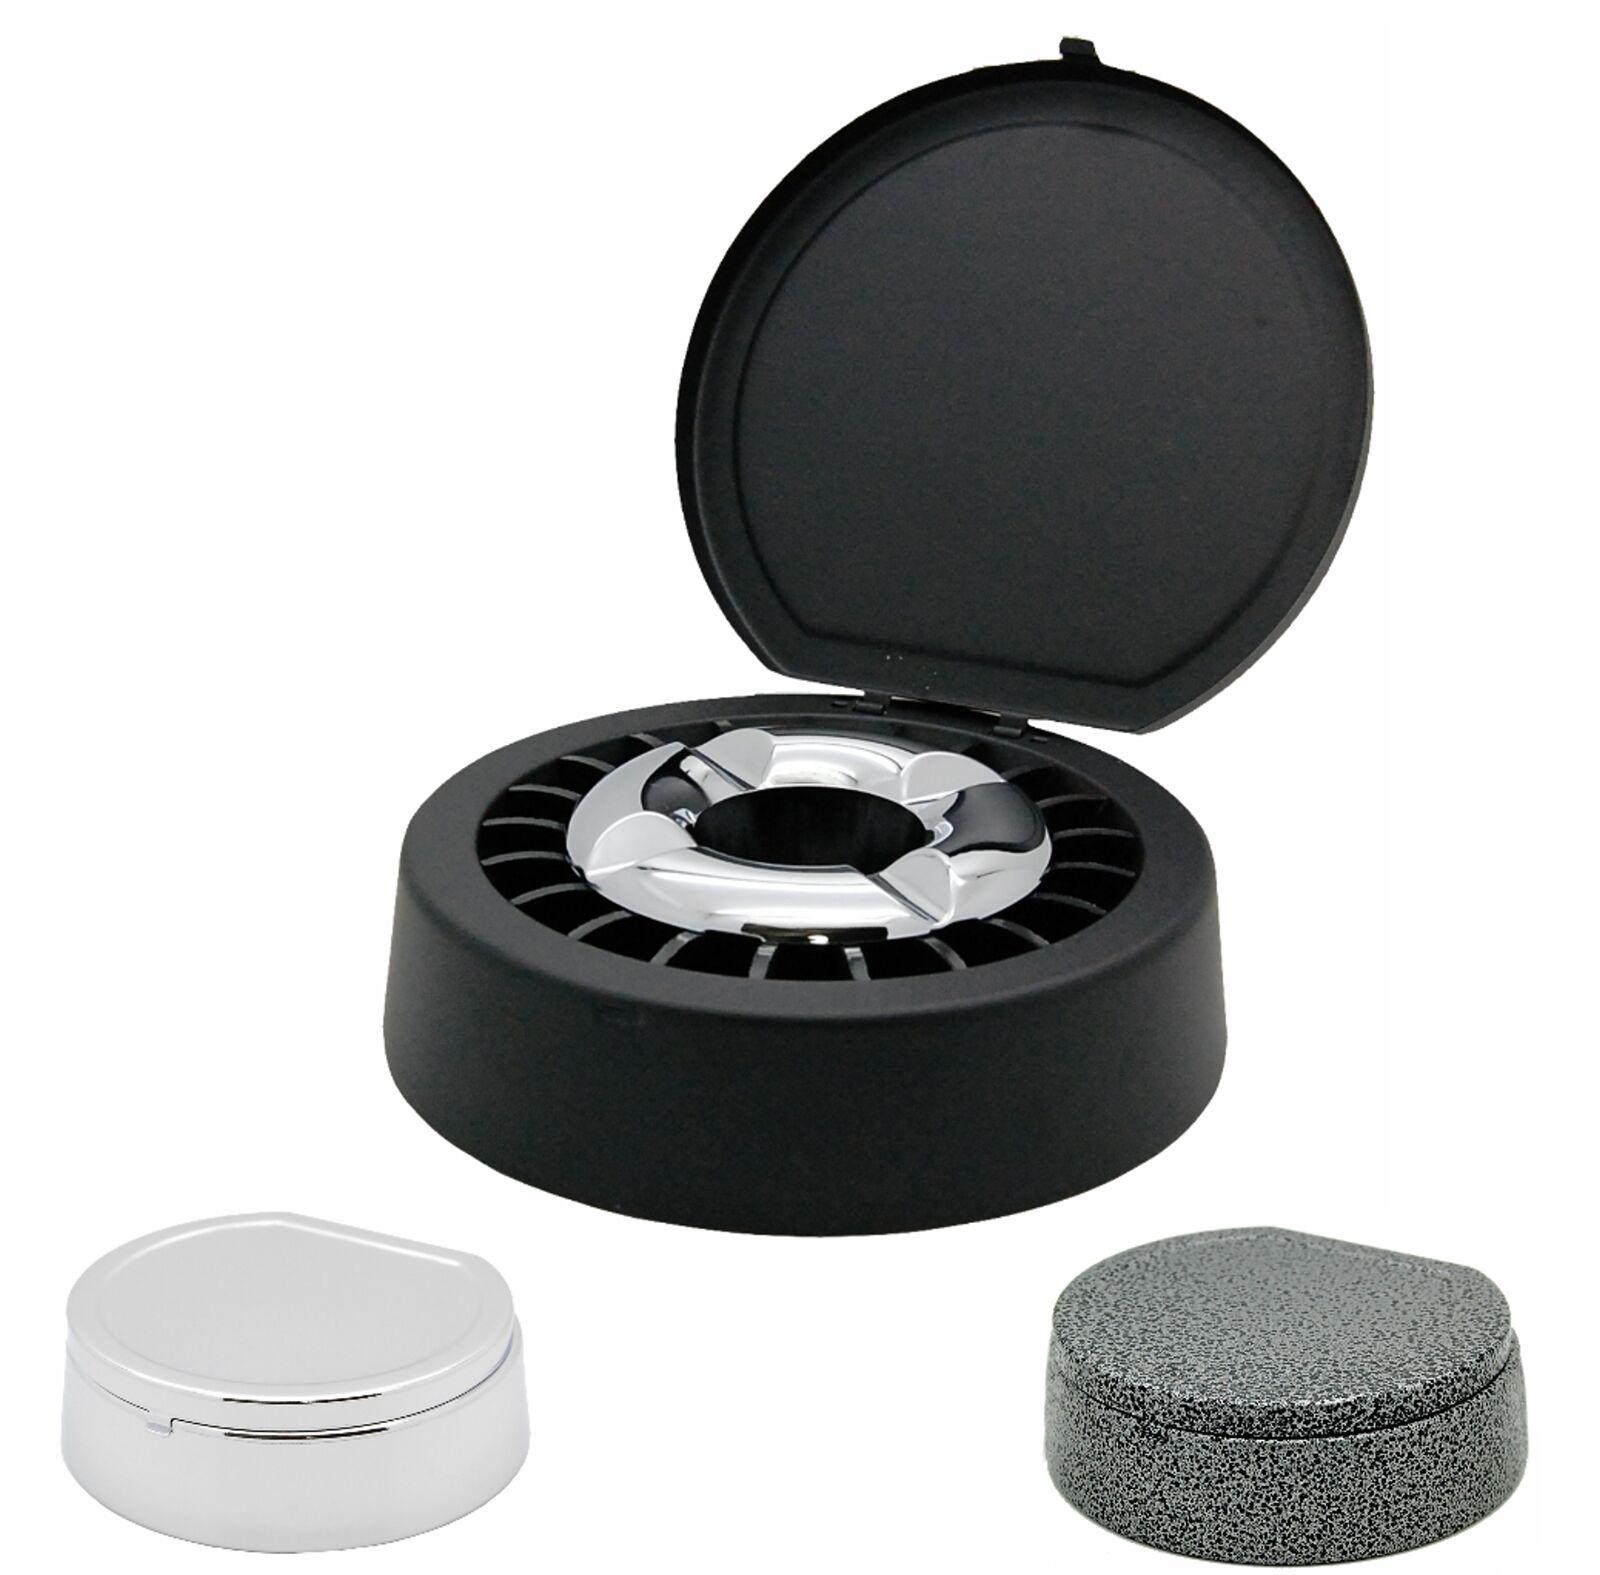 aschenbecher kunststoff test vergleich aschenbecher kunststoff g nstig kaufen. Black Bedroom Furniture Sets. Home Design Ideas